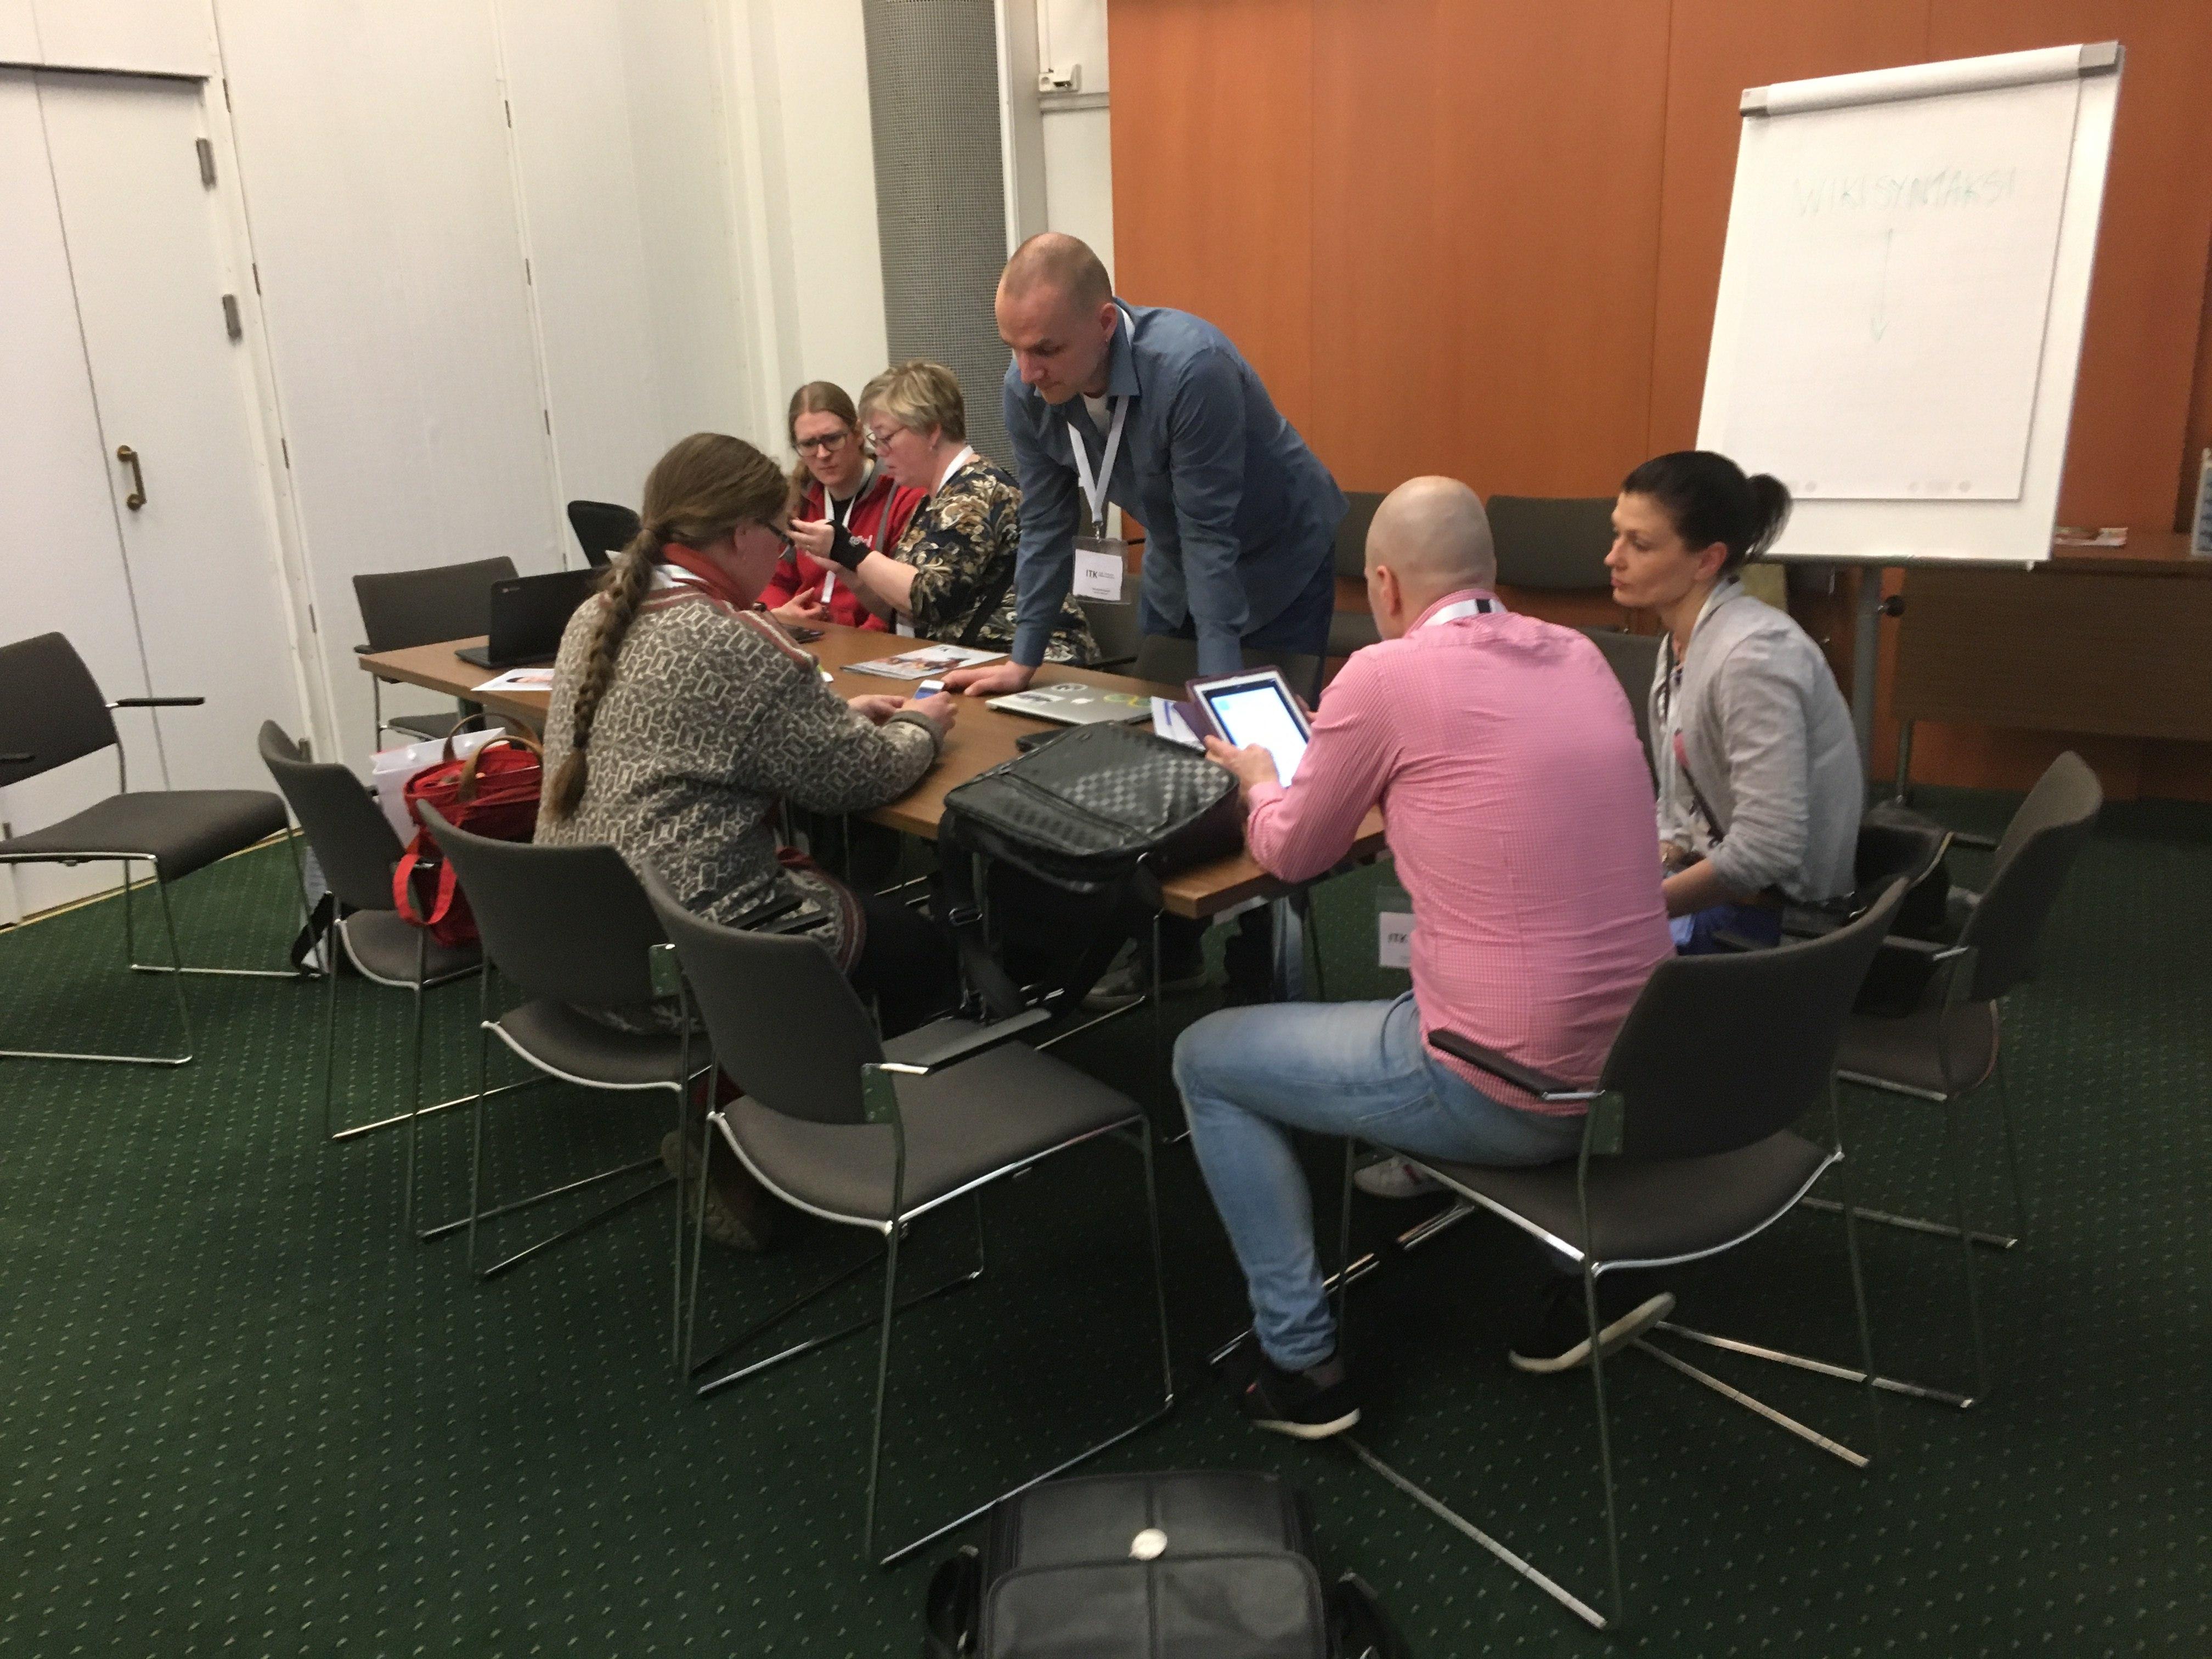 File:Koodiesterata ITK 2018 -konferenssi 2018-04-12 Opettajat